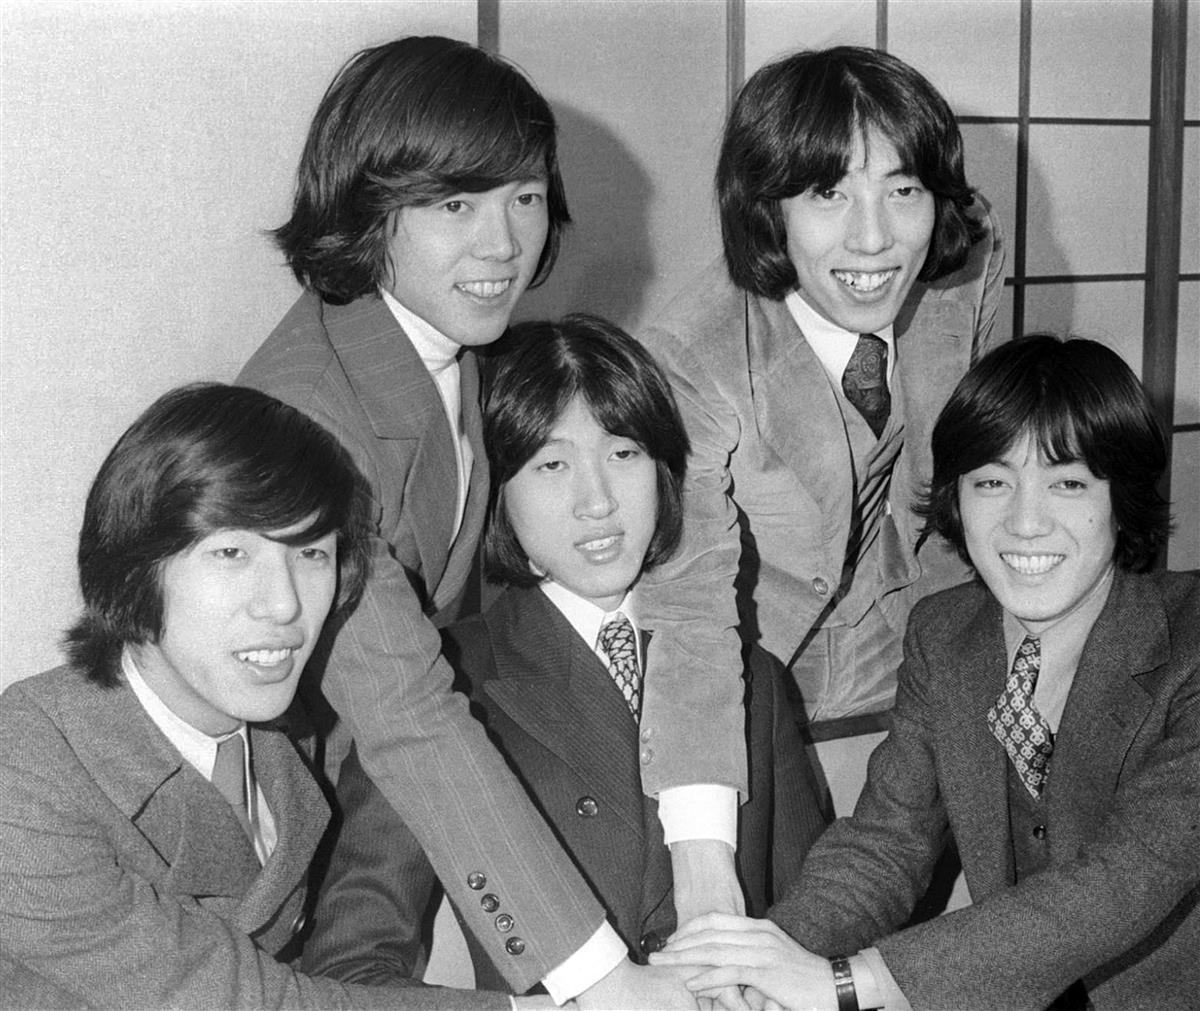 岸部四郎さん死去、71歳 「ドケチ伝説」のウソとホント 森本太郎「年 ...